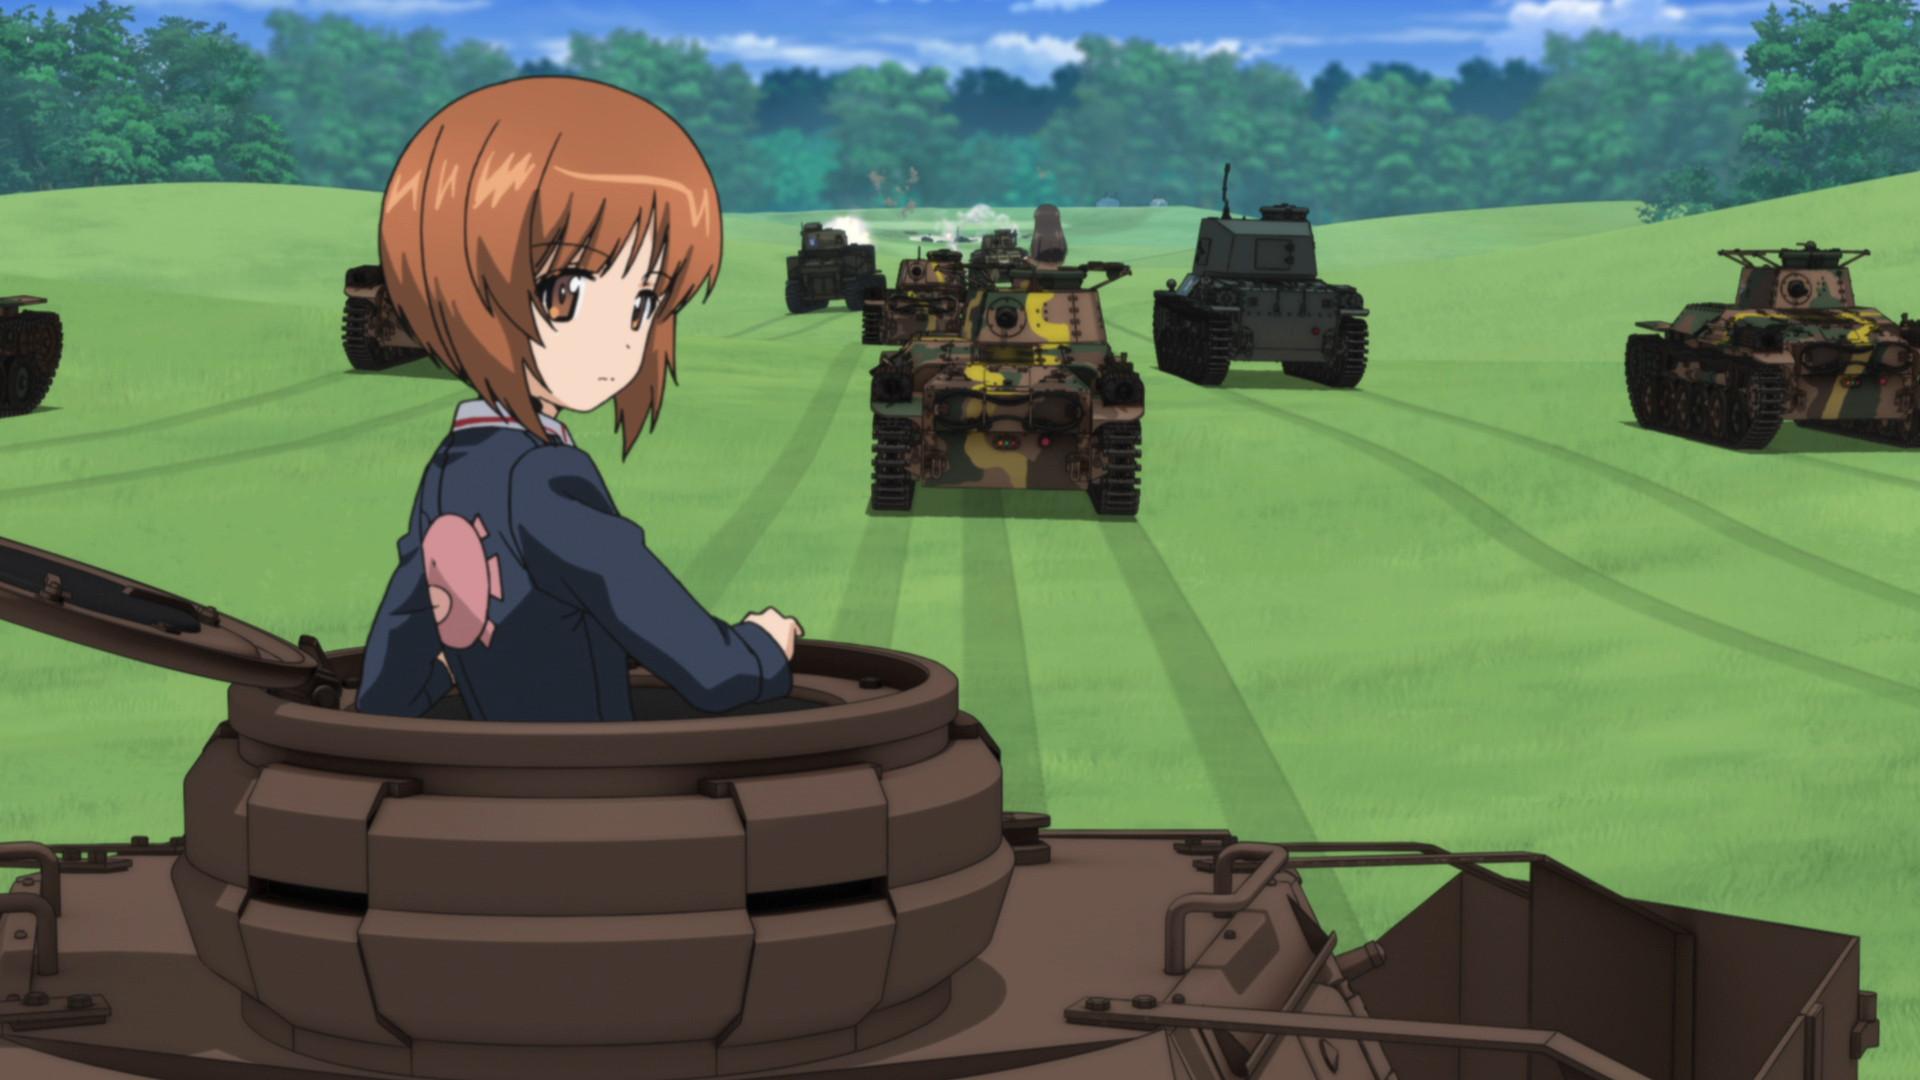 画像 ガールズ パンツァー 好きなら World Of Tanks に来い ガールズ パンツァー 好きなら World Of Tanks に来い 2 32 Game Watch